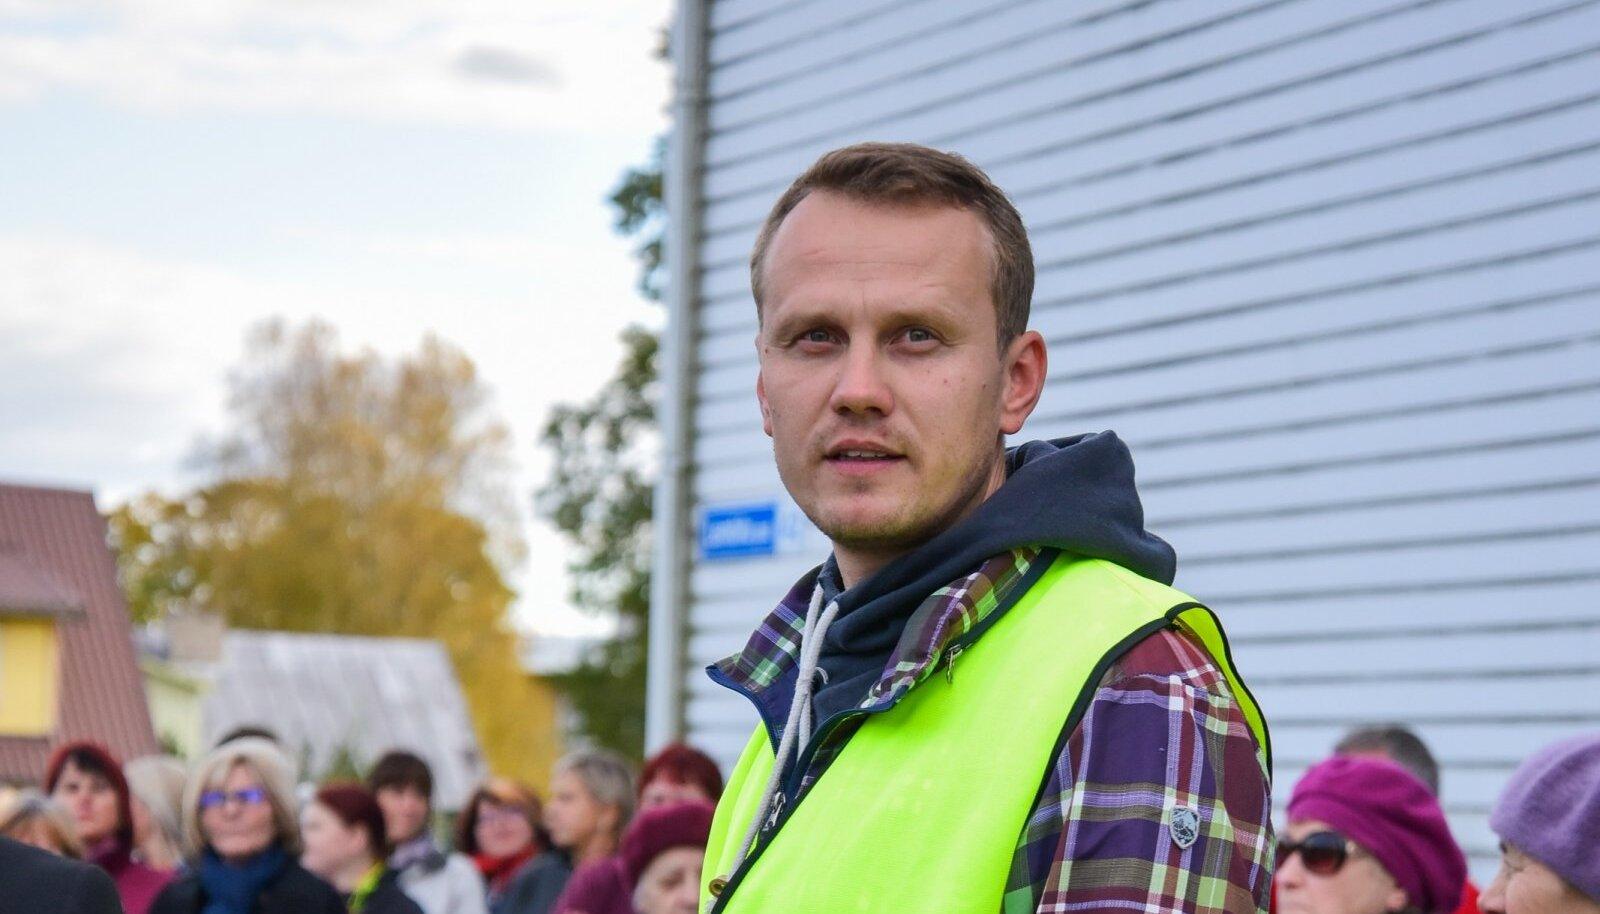 Kohalikus elus aktiivne: kahe aasta eest meeleavaldusel Põhja-Sakala vallamaja ees.